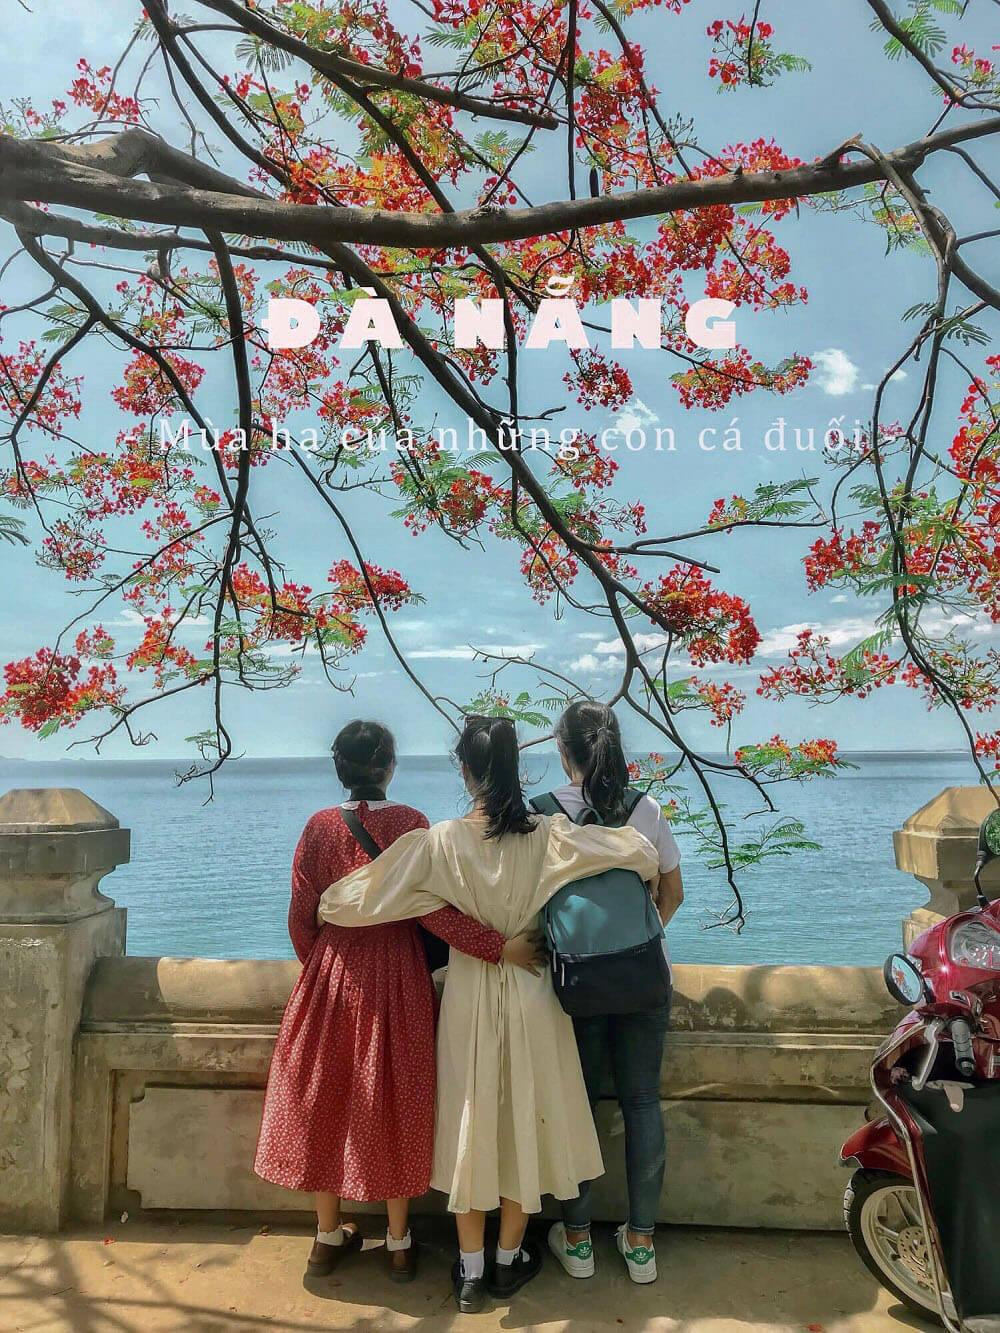 Chua Linh Ung Review Da Nang Hue Hoi An 5n4d Chuyen Di Thanh Xuan Cua Nhom Ba Con Ca Duoi 01